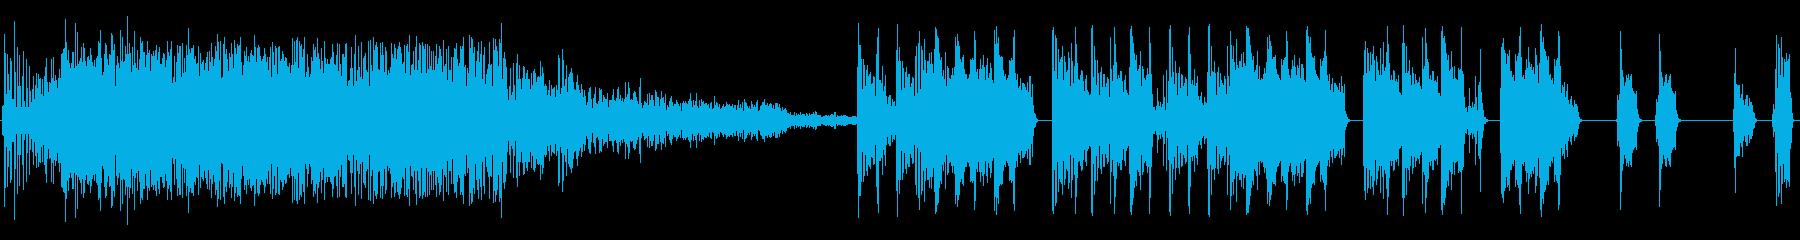 ダークライトSci Fiバンパーの再生済みの波形